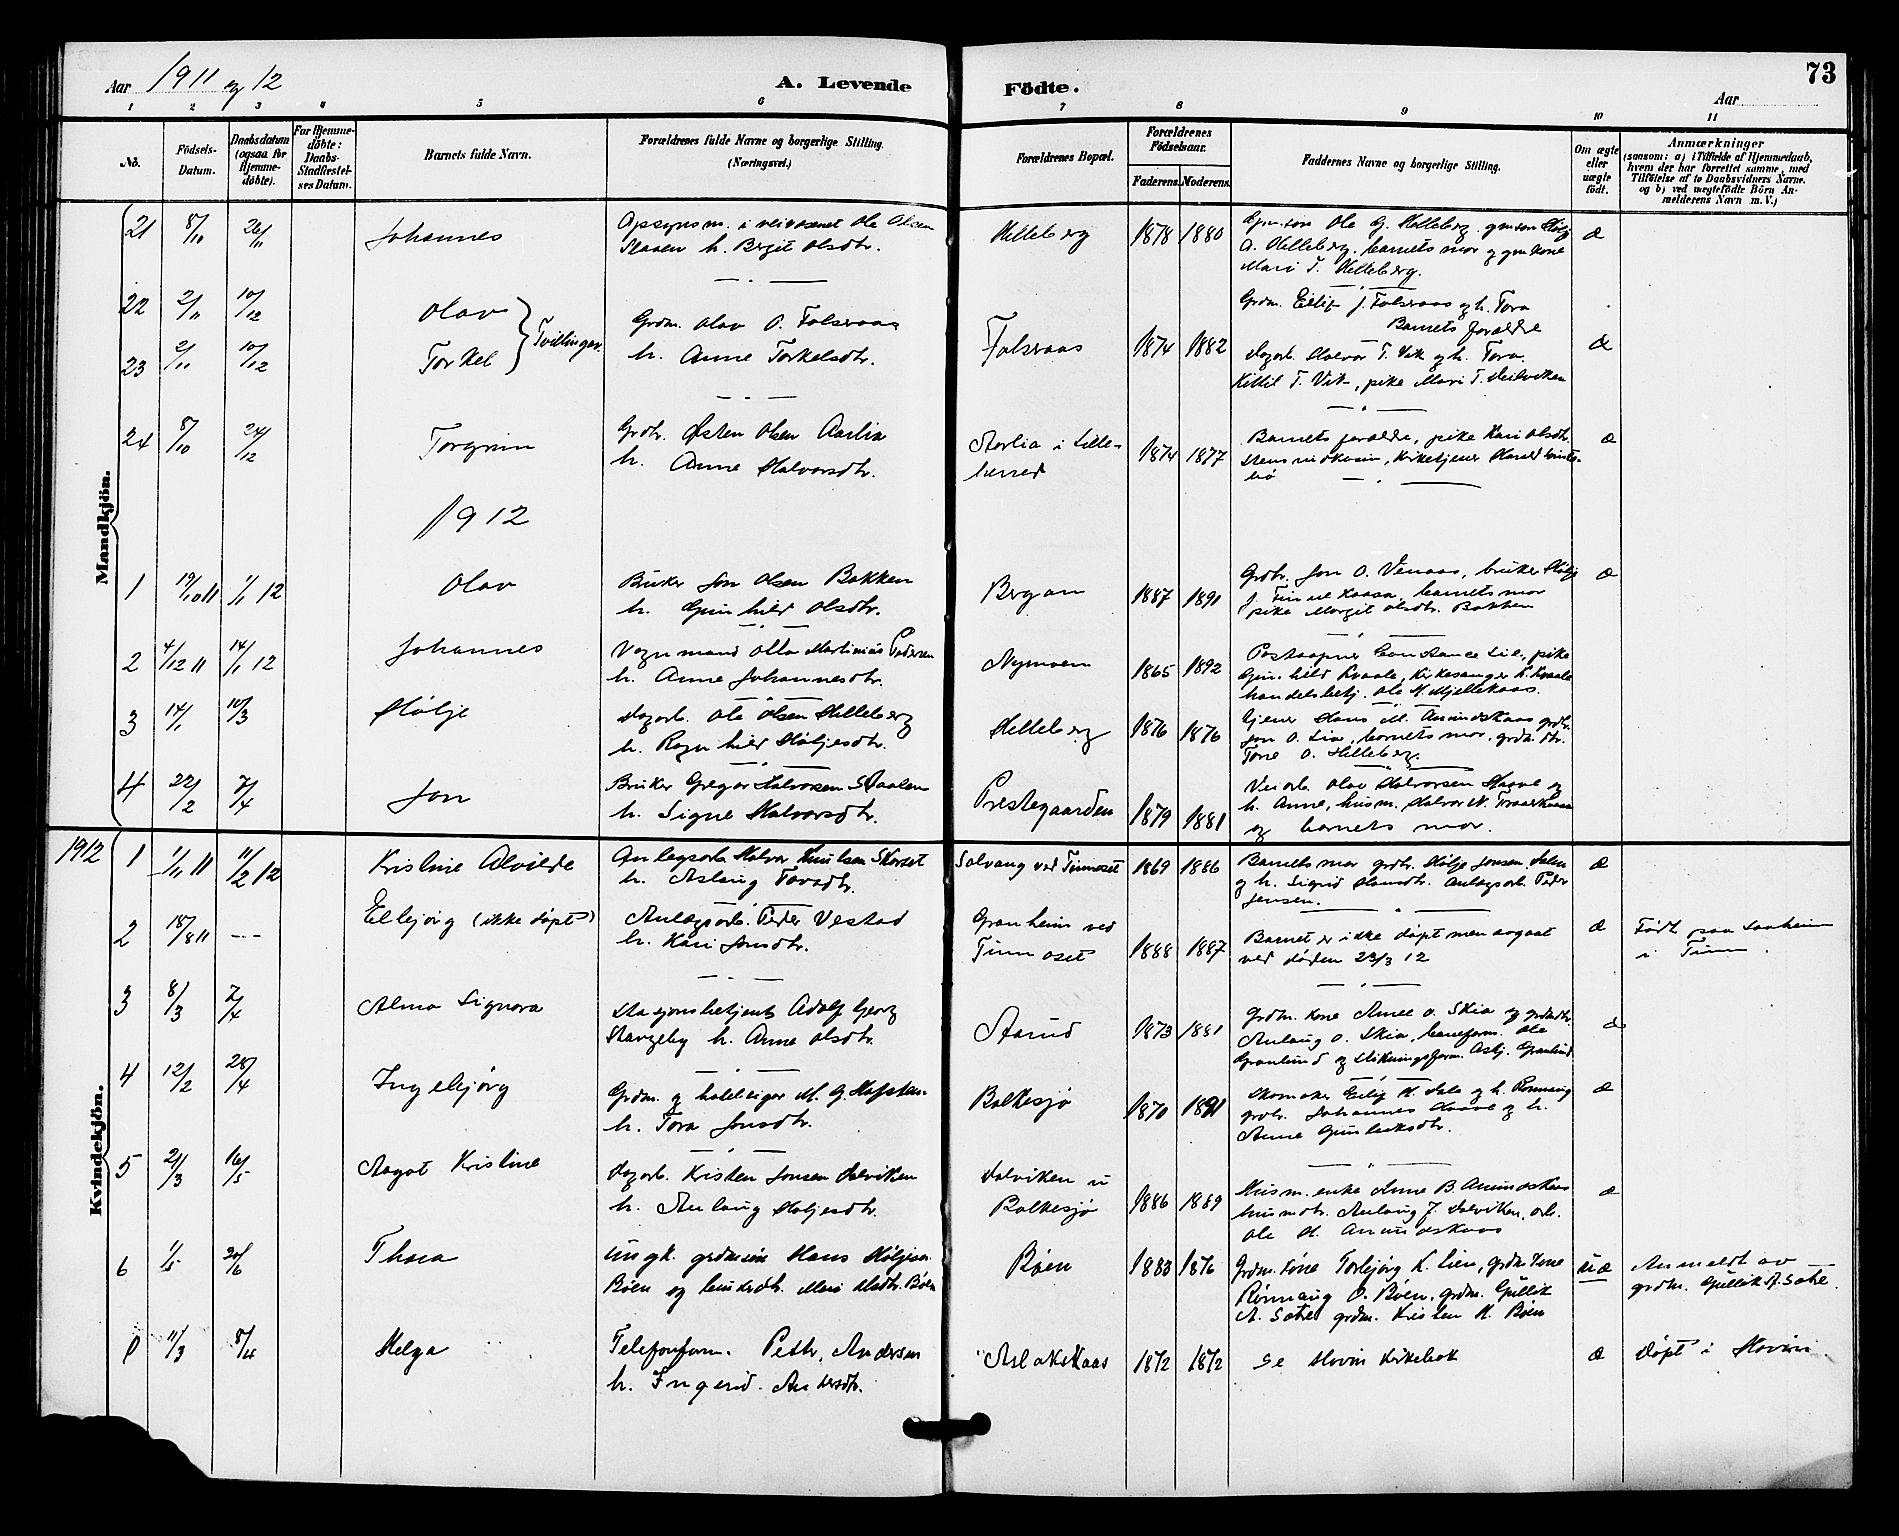 SAKO, Gransherad kirkebøker, G/Ga/L0003: Klokkerbok nr. I 3, 1887-1915, s. 73